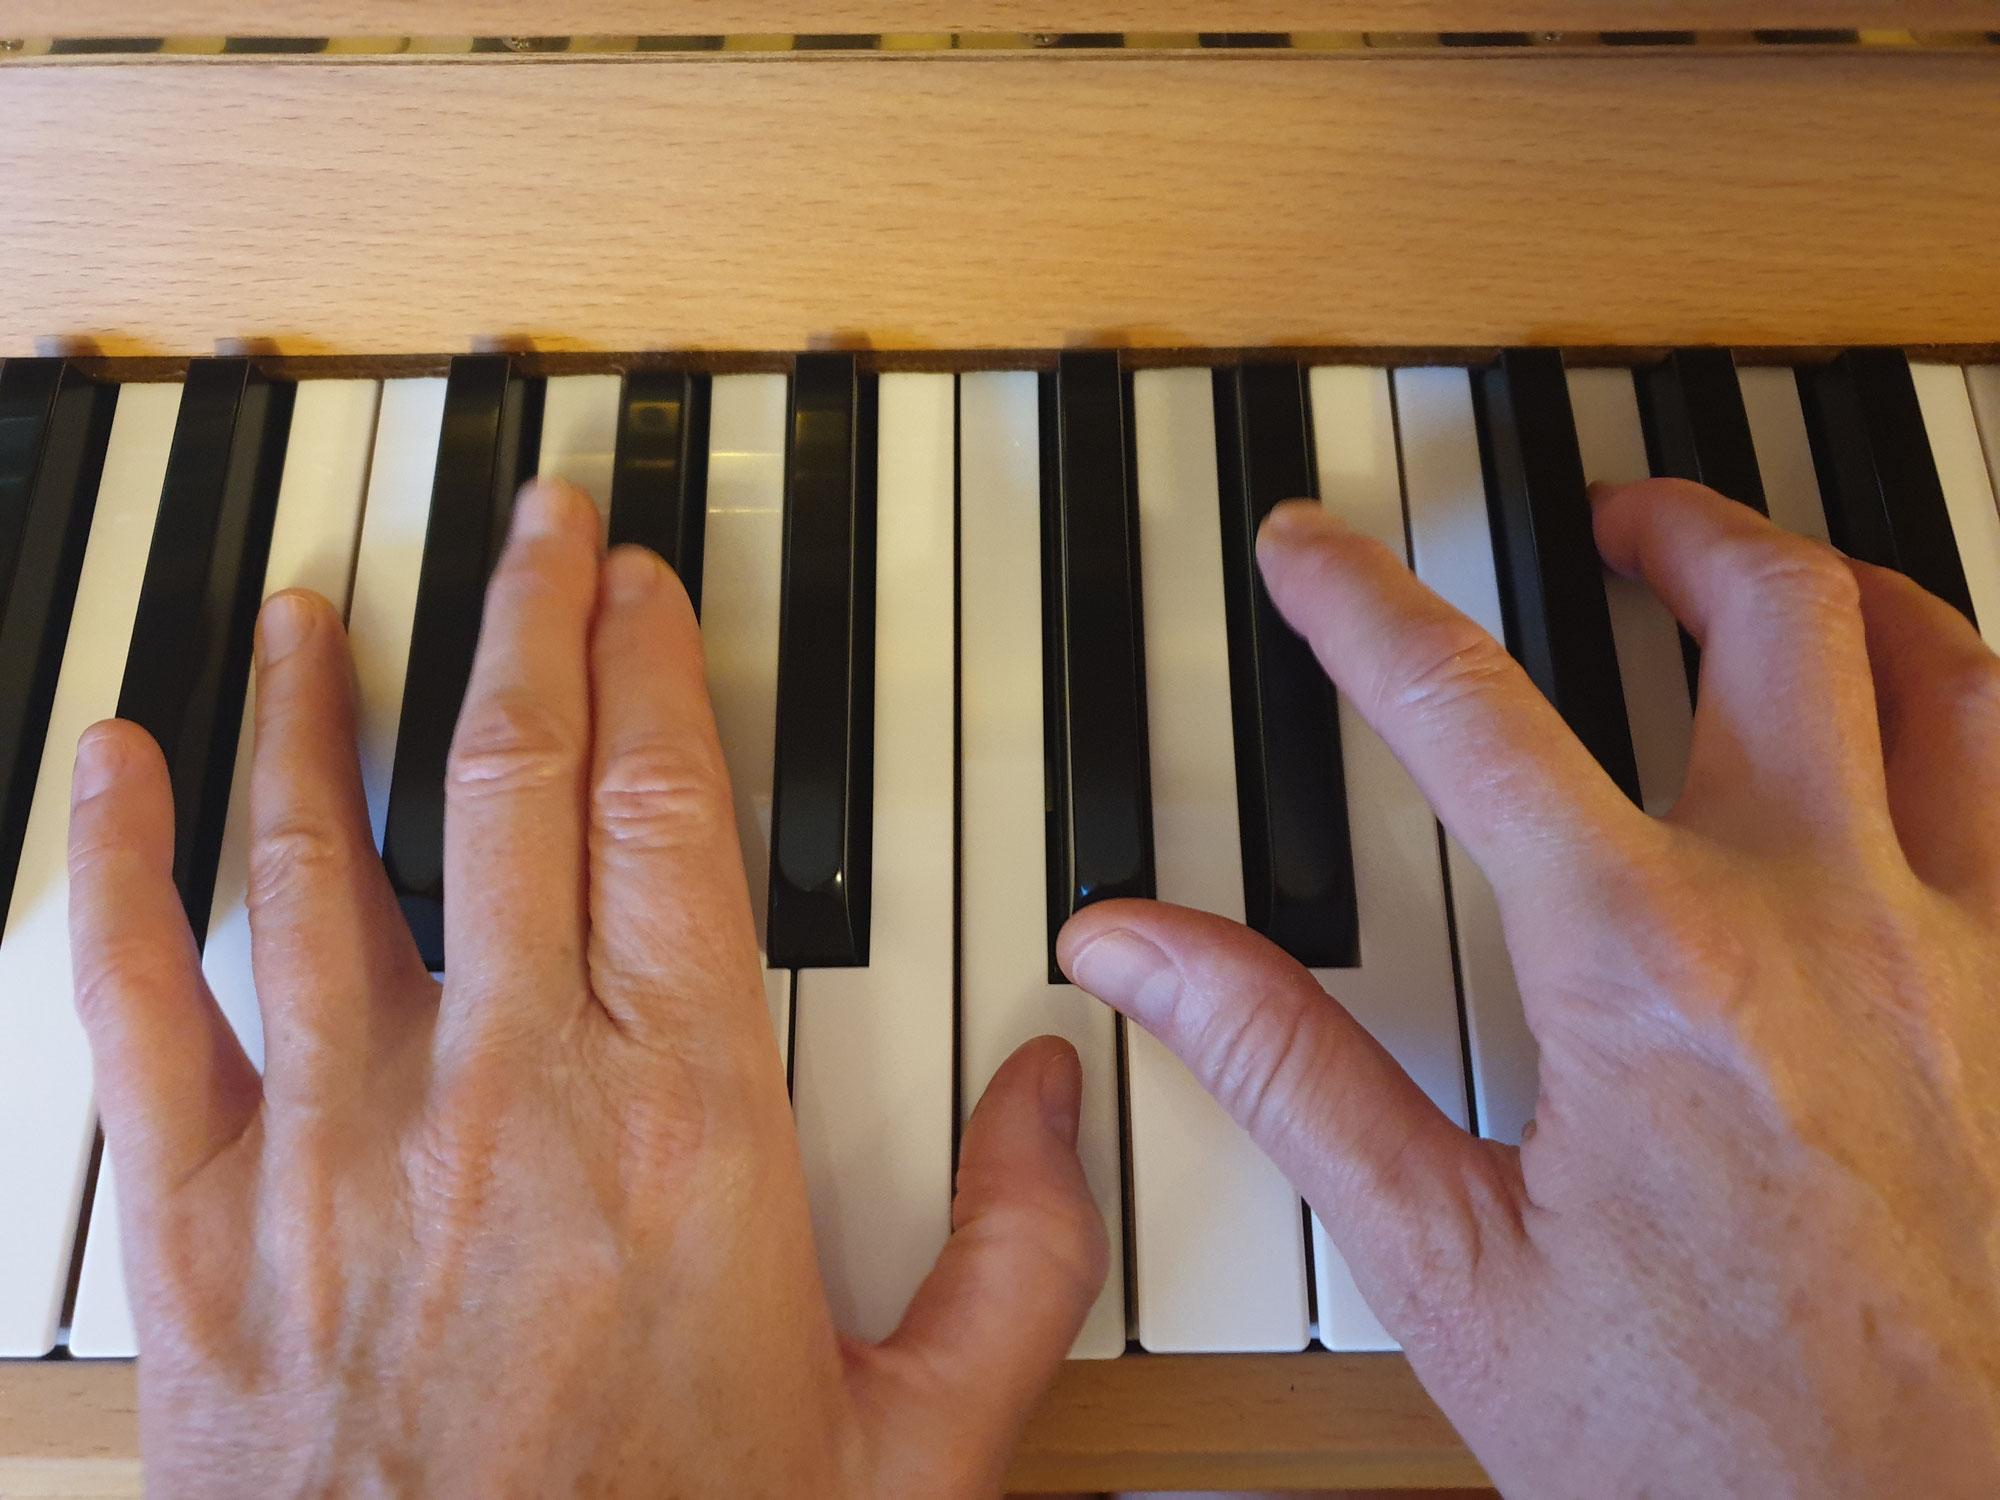 Diese 3 Auswirkungen haben Schlafhypnose und Musik gemeinsam